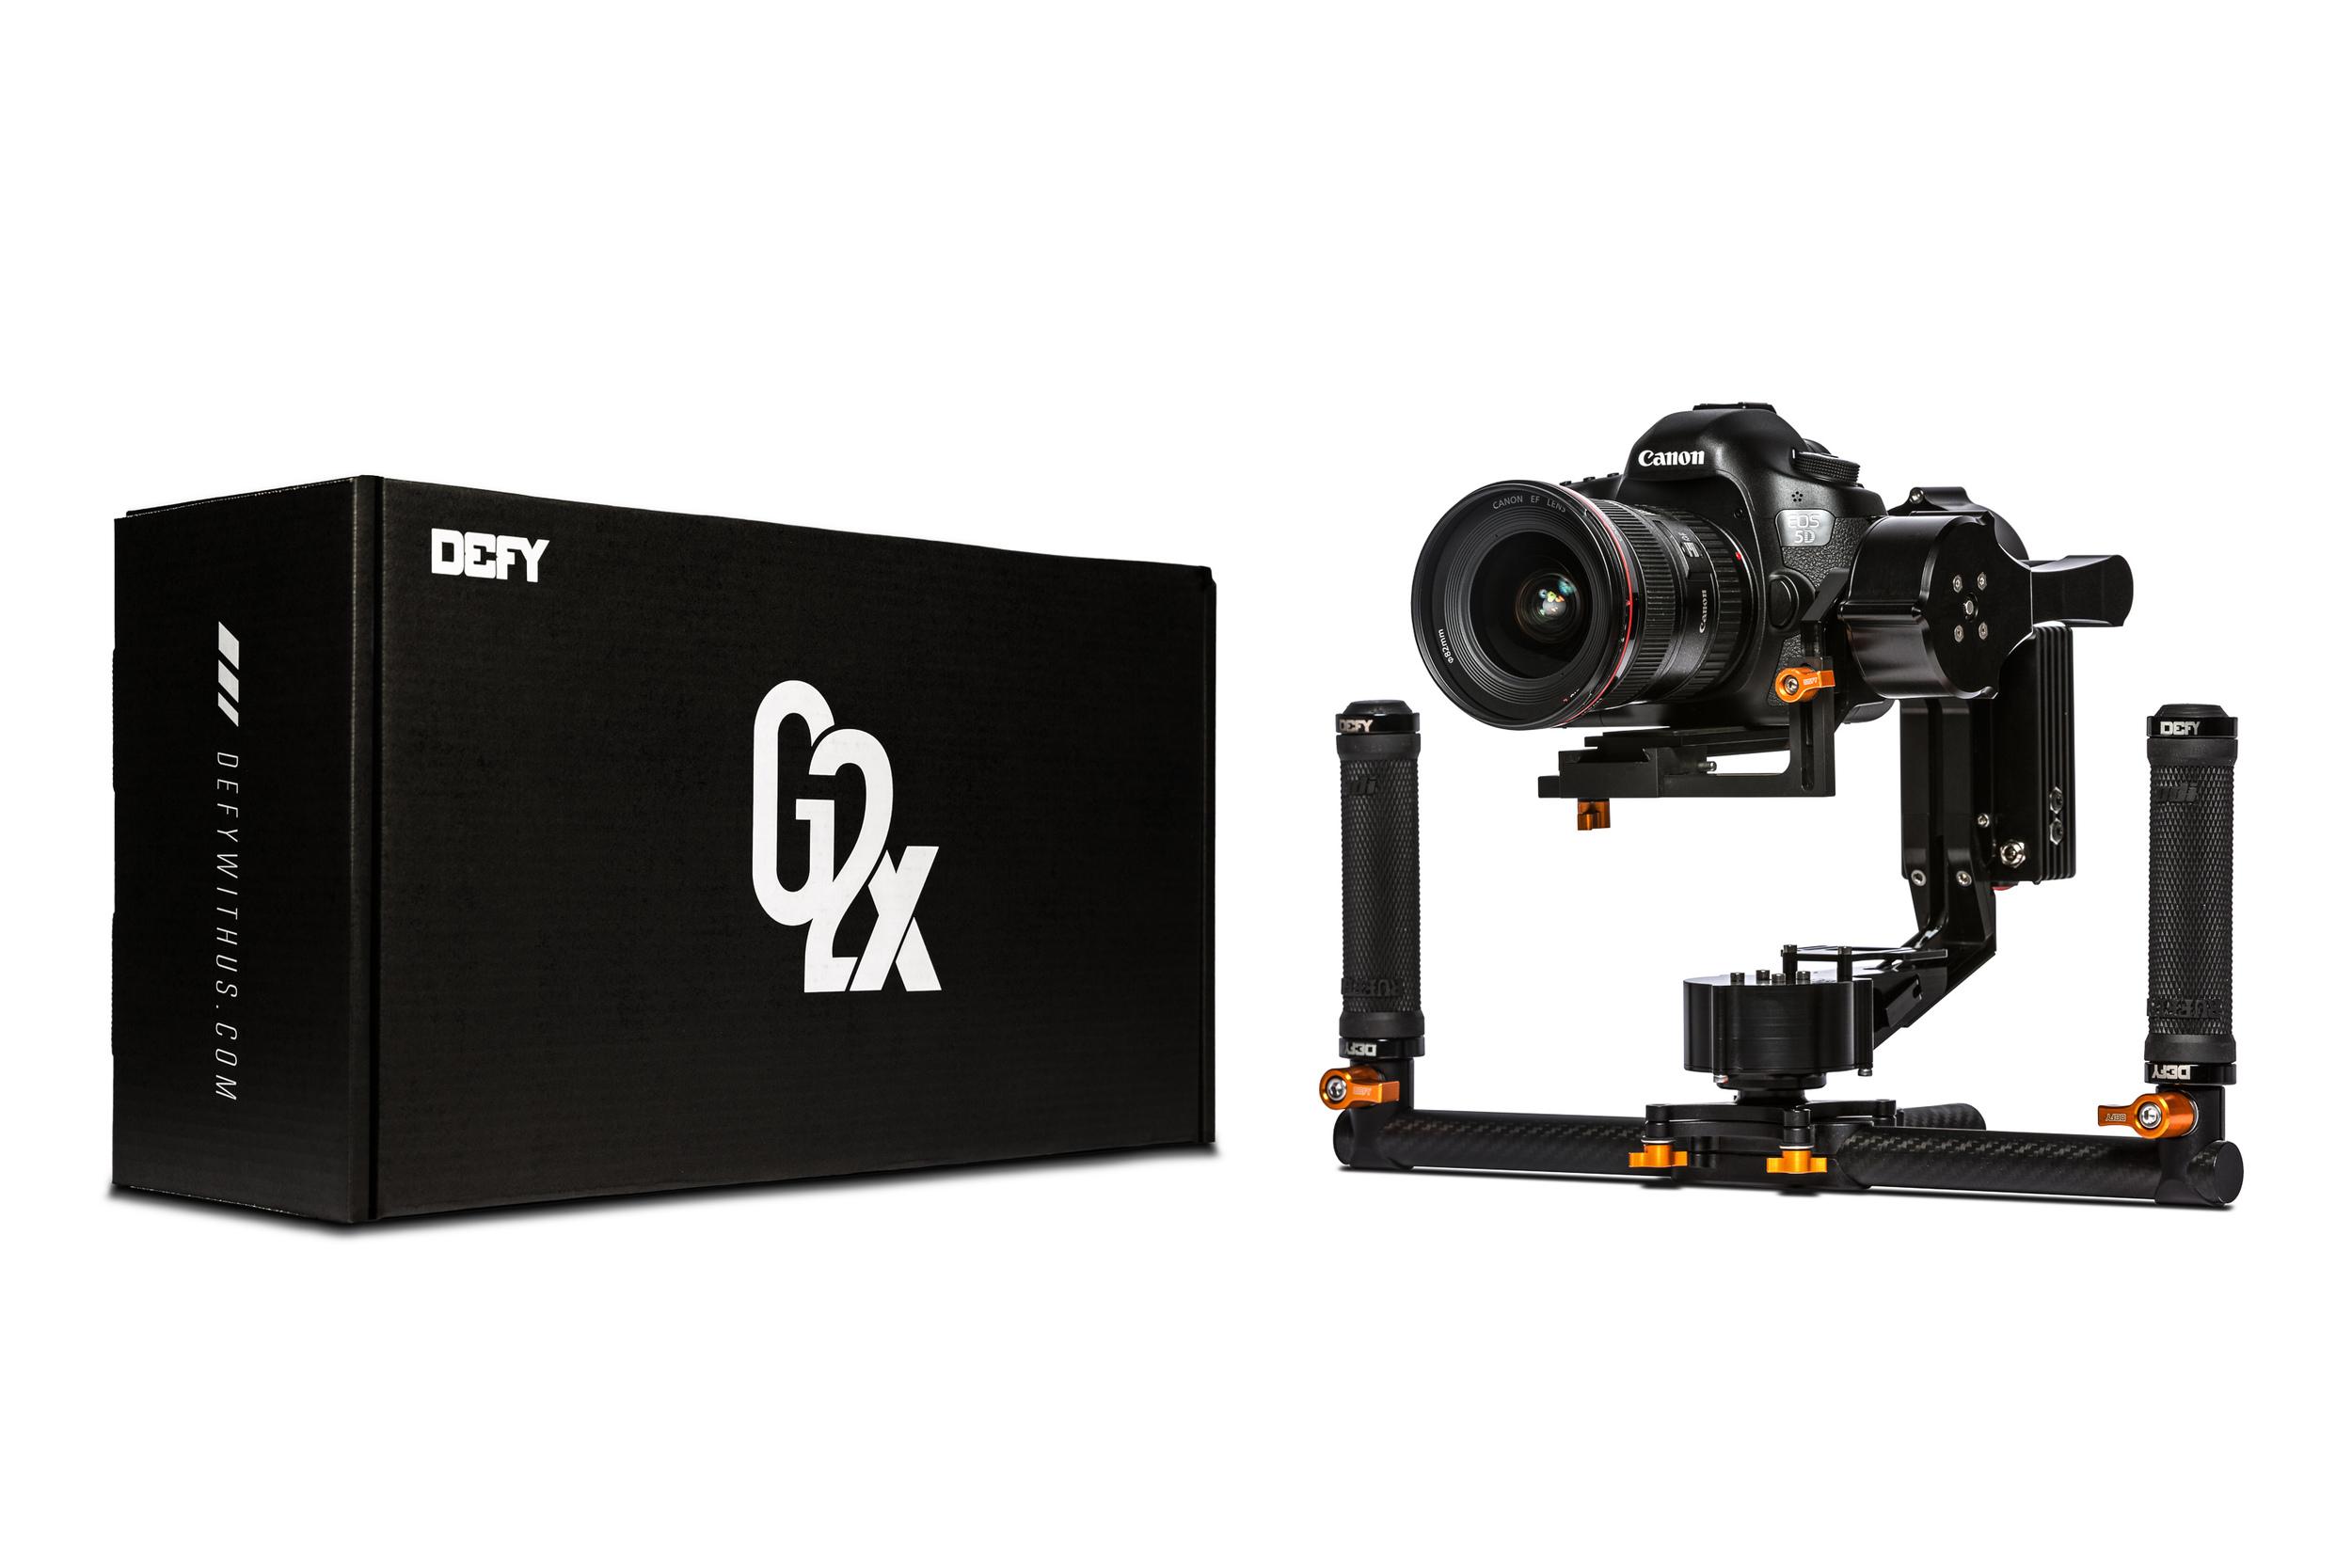 ADefy12_Defy_G2X_Box-2377-Edit-Edit-Edit.jpg